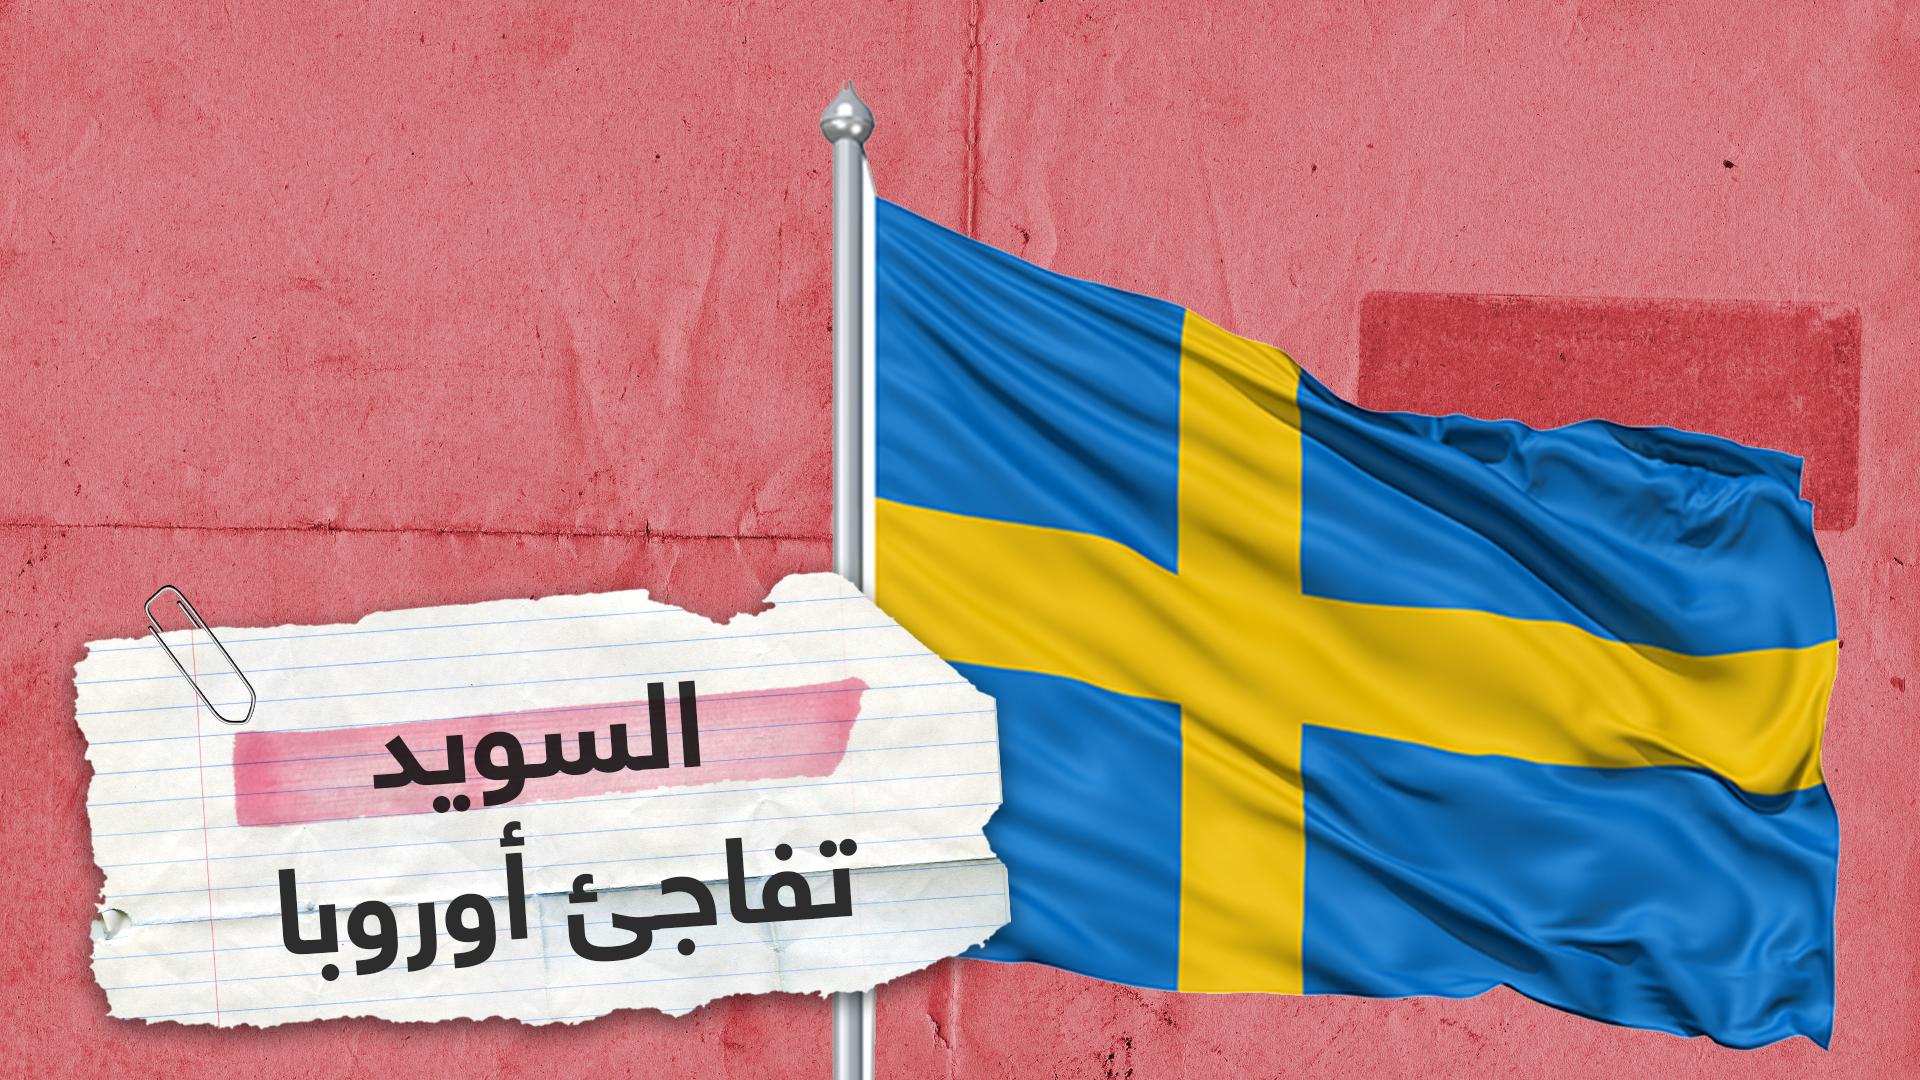 السويد تفاجئ أوروبا وتبقي المقاهي والمطاعم مفتوحة!